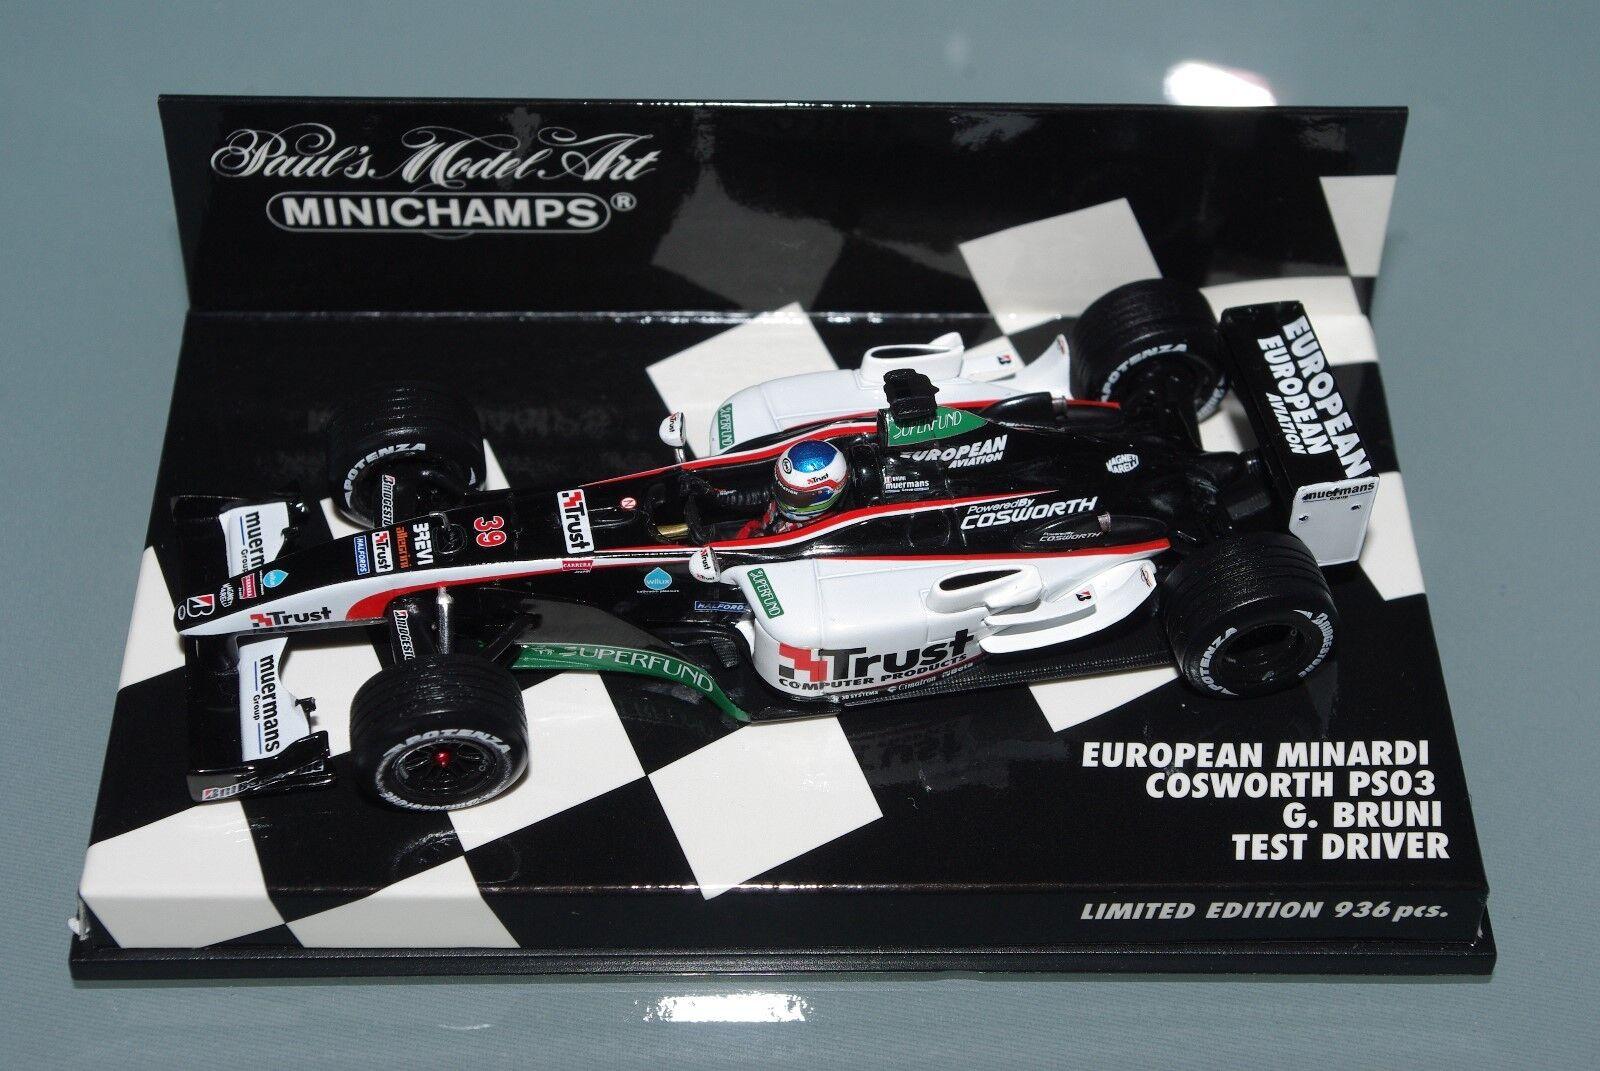 Minichamps F1 1 43 EUROPEAN MINARDI COSWORTH PS03 - G. BRUNI TEST DRIVER 936 pcs